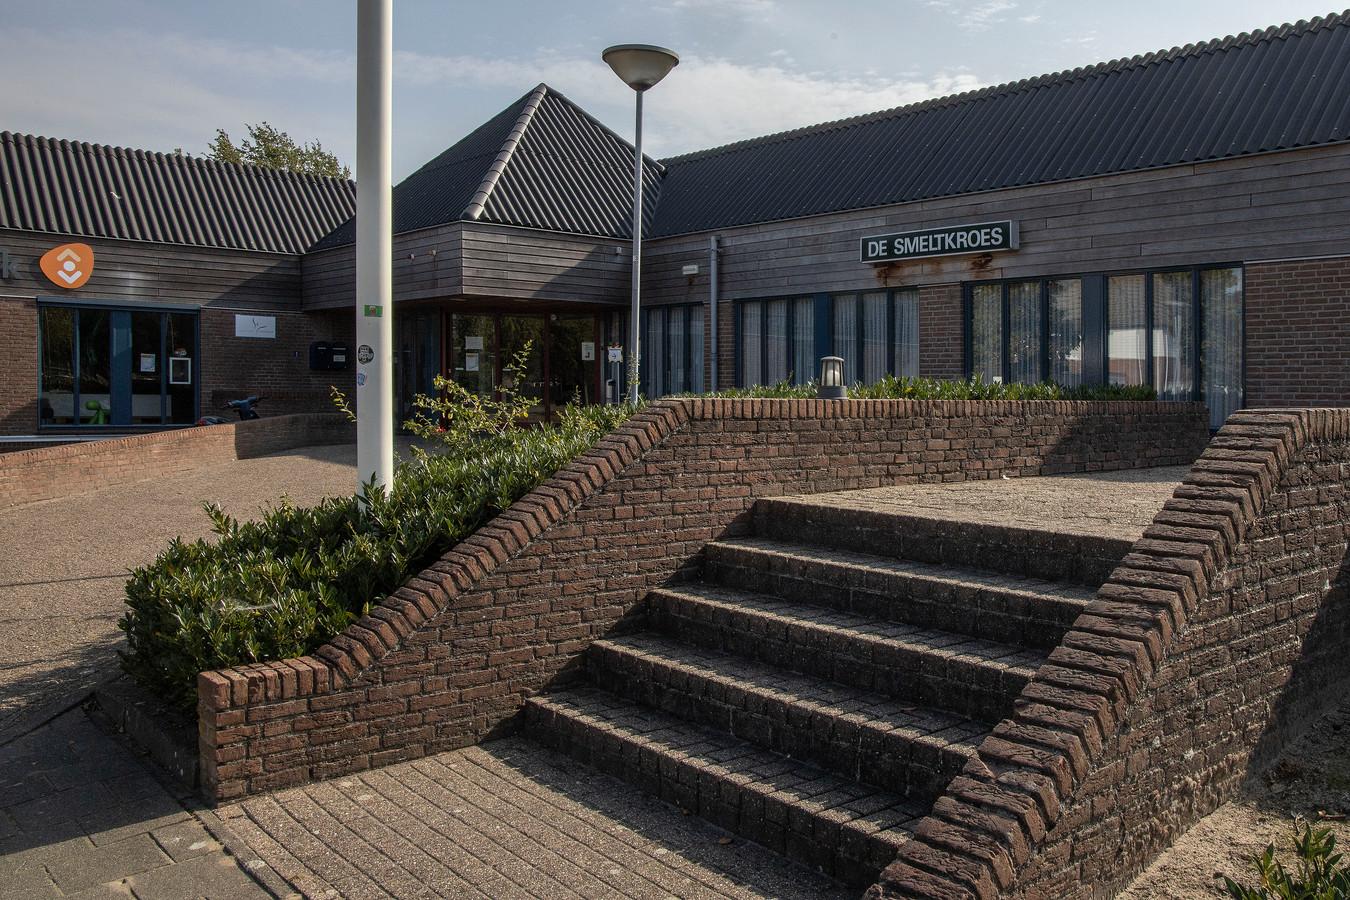 Gemeenschapshuis De Smeltkroes in Maarheeze.